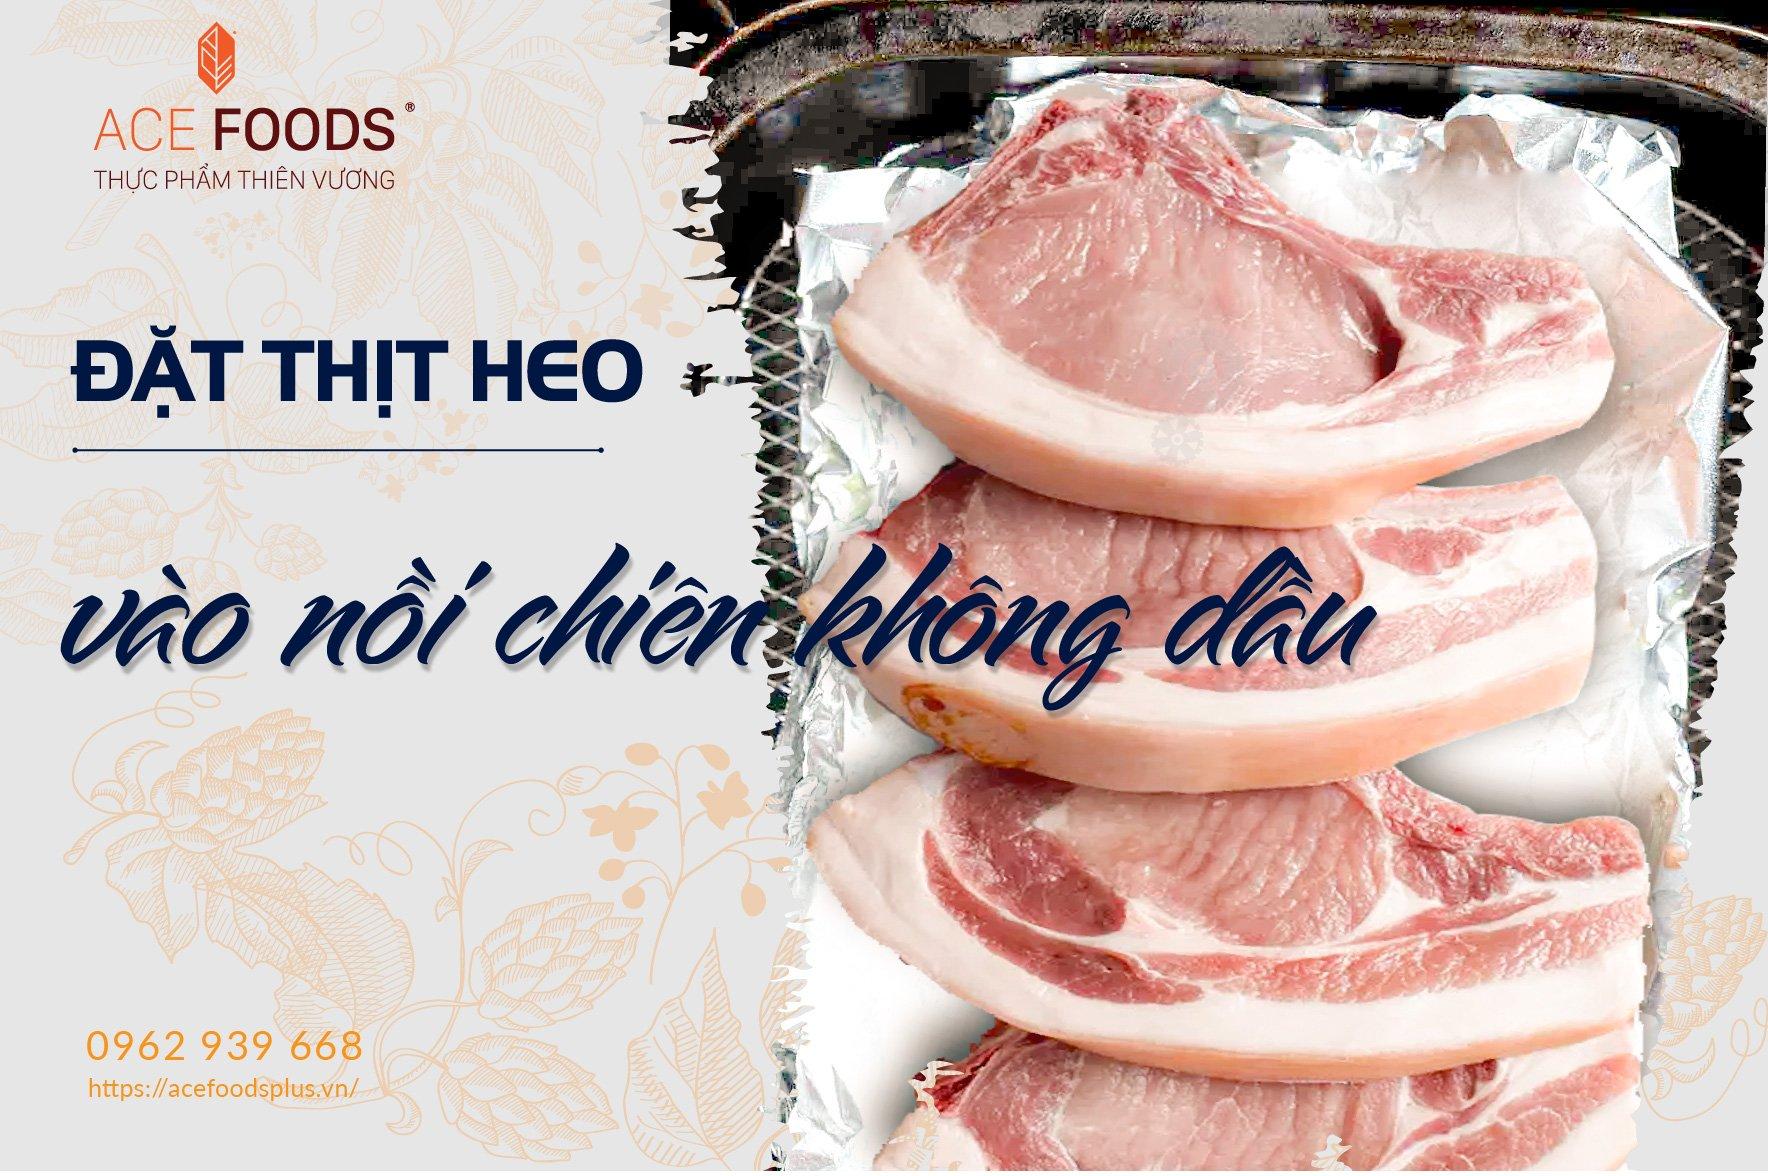 Bọc thịt heo trong giấy bạc, hở phần da heo để miếng thịt giữ được nước